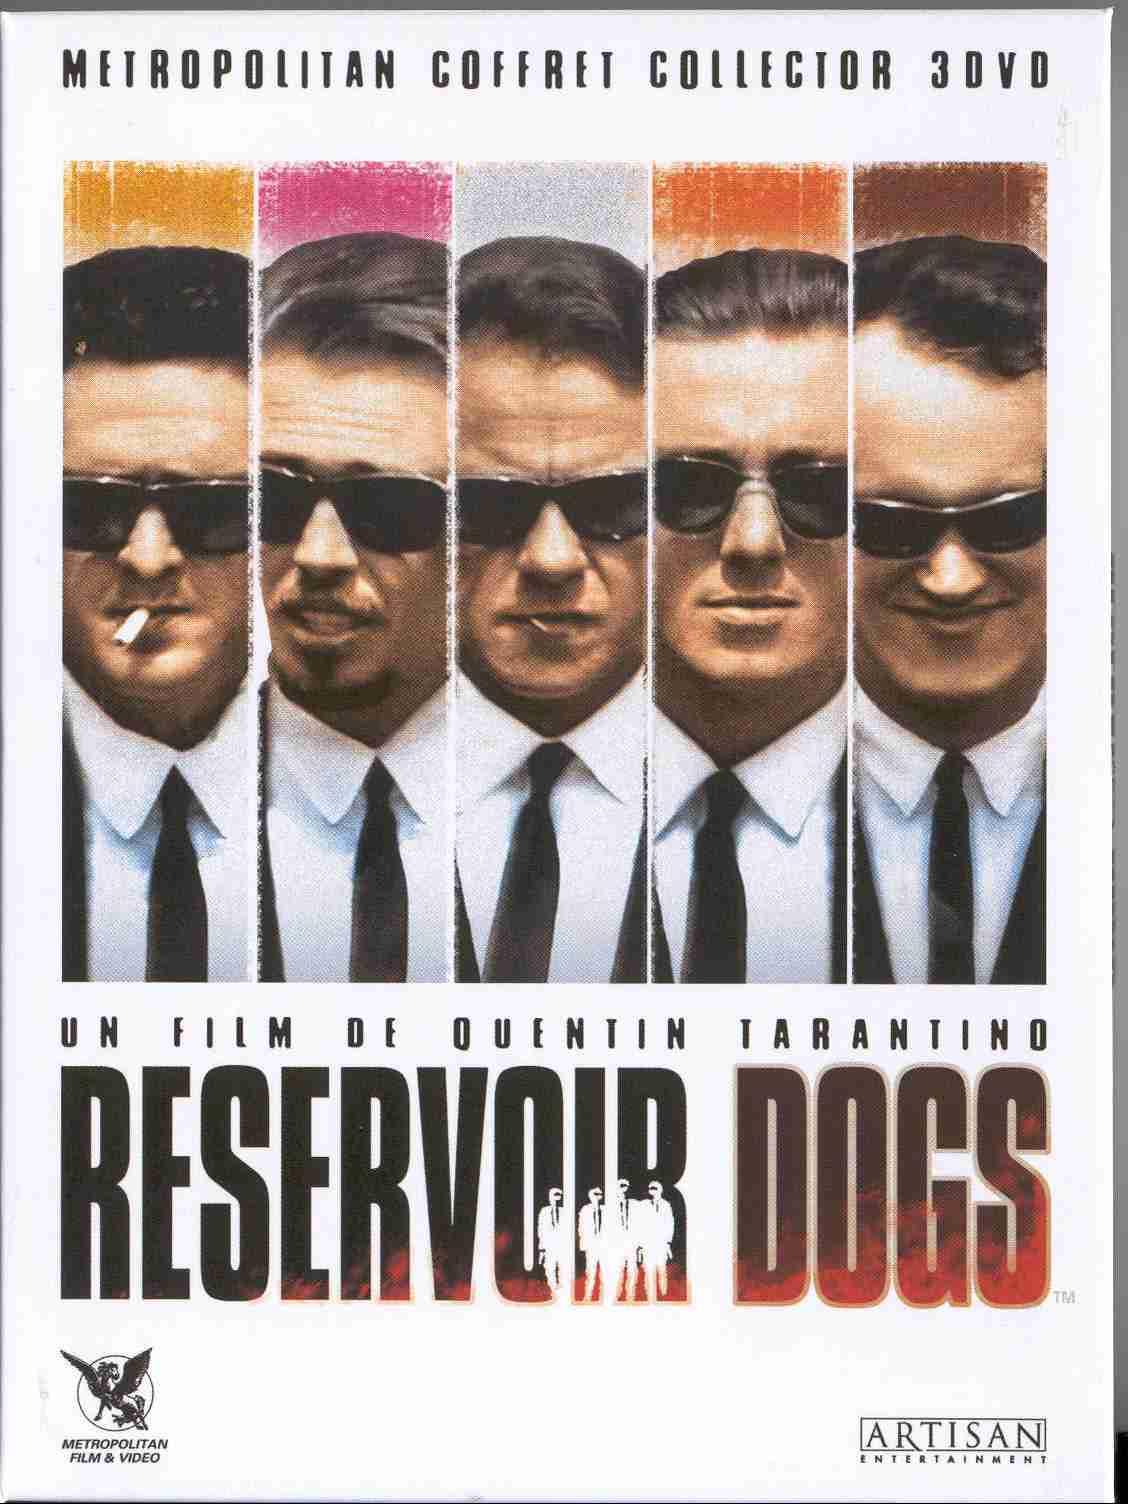 De la calle reservoir dogs 1992 perros de la calle